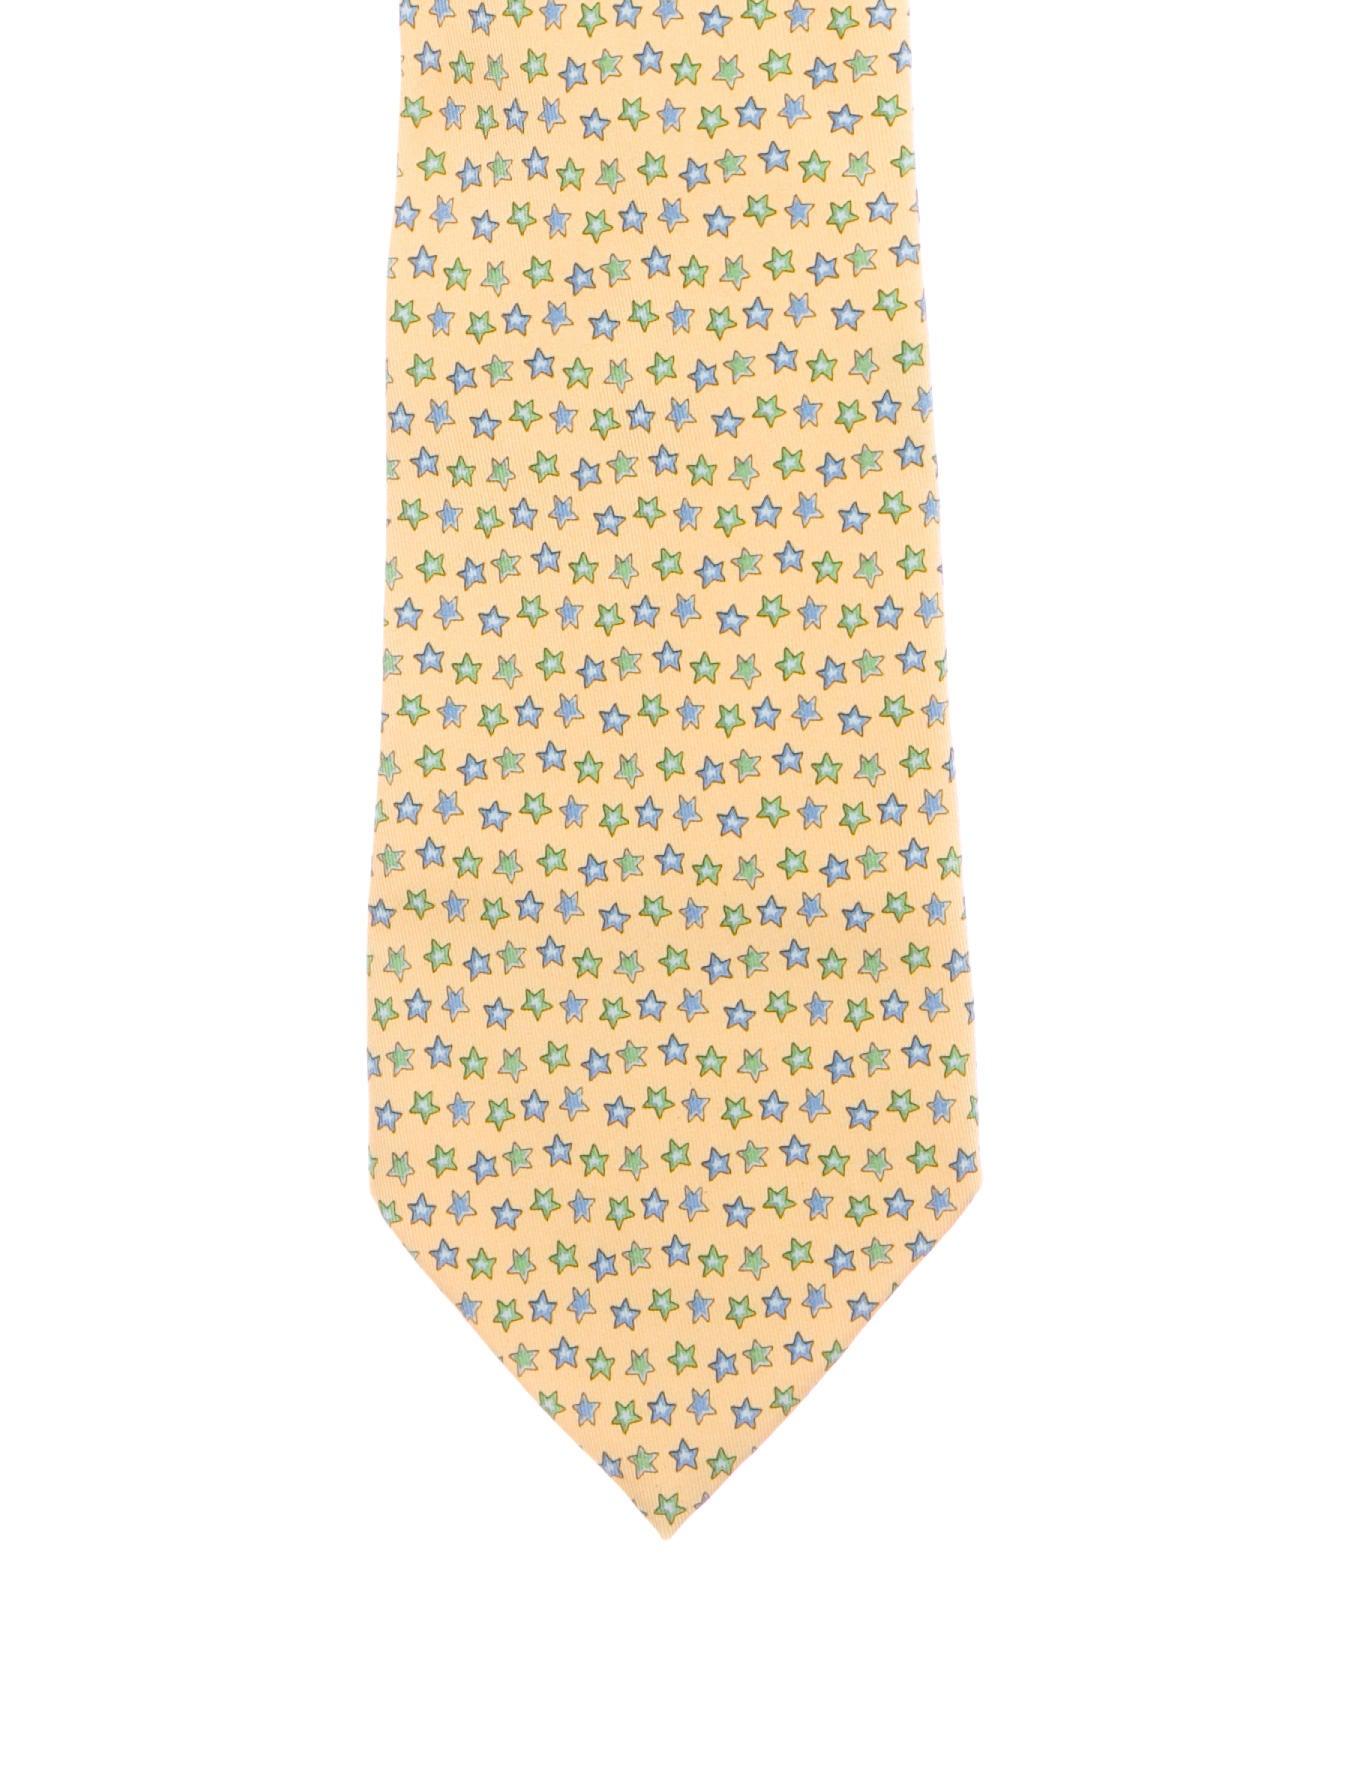 0e0c94e634ac Salvatore Ferragamo Star Print Silk Tie - Suiting Accessories ...